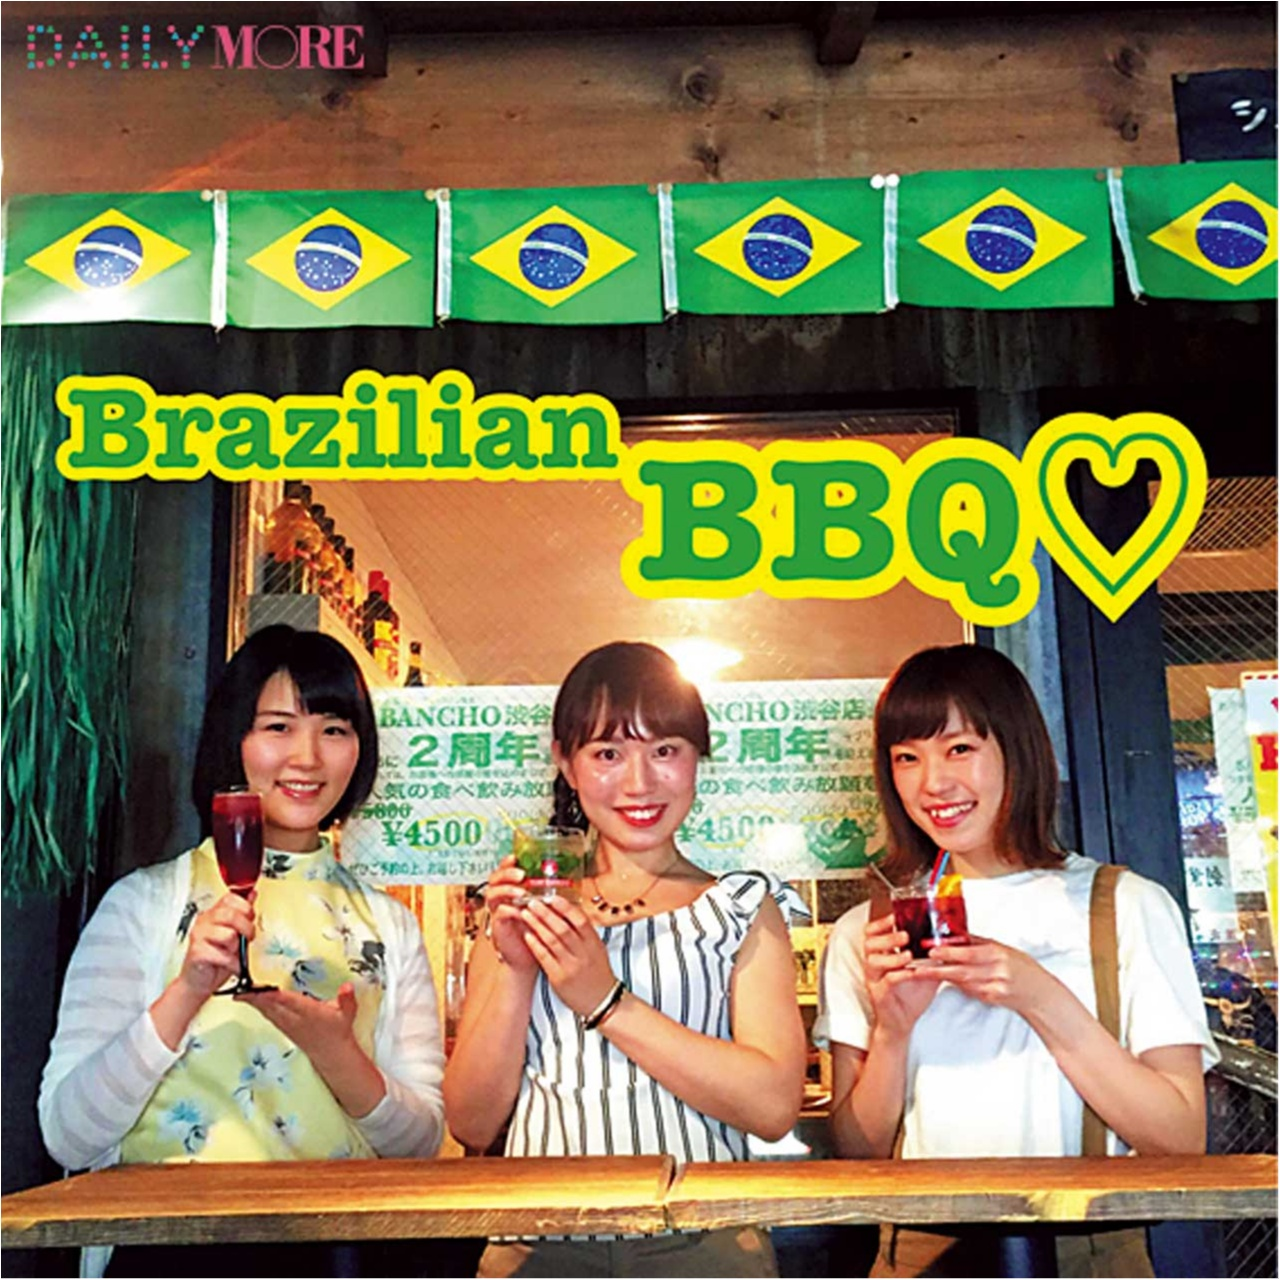 ラテンな雰囲気でジューシーなお肉を♪『ブラジリアン食堂 BANCHO 渋谷店』【モアハピ部の三ツ星女子会スポット♡】_4